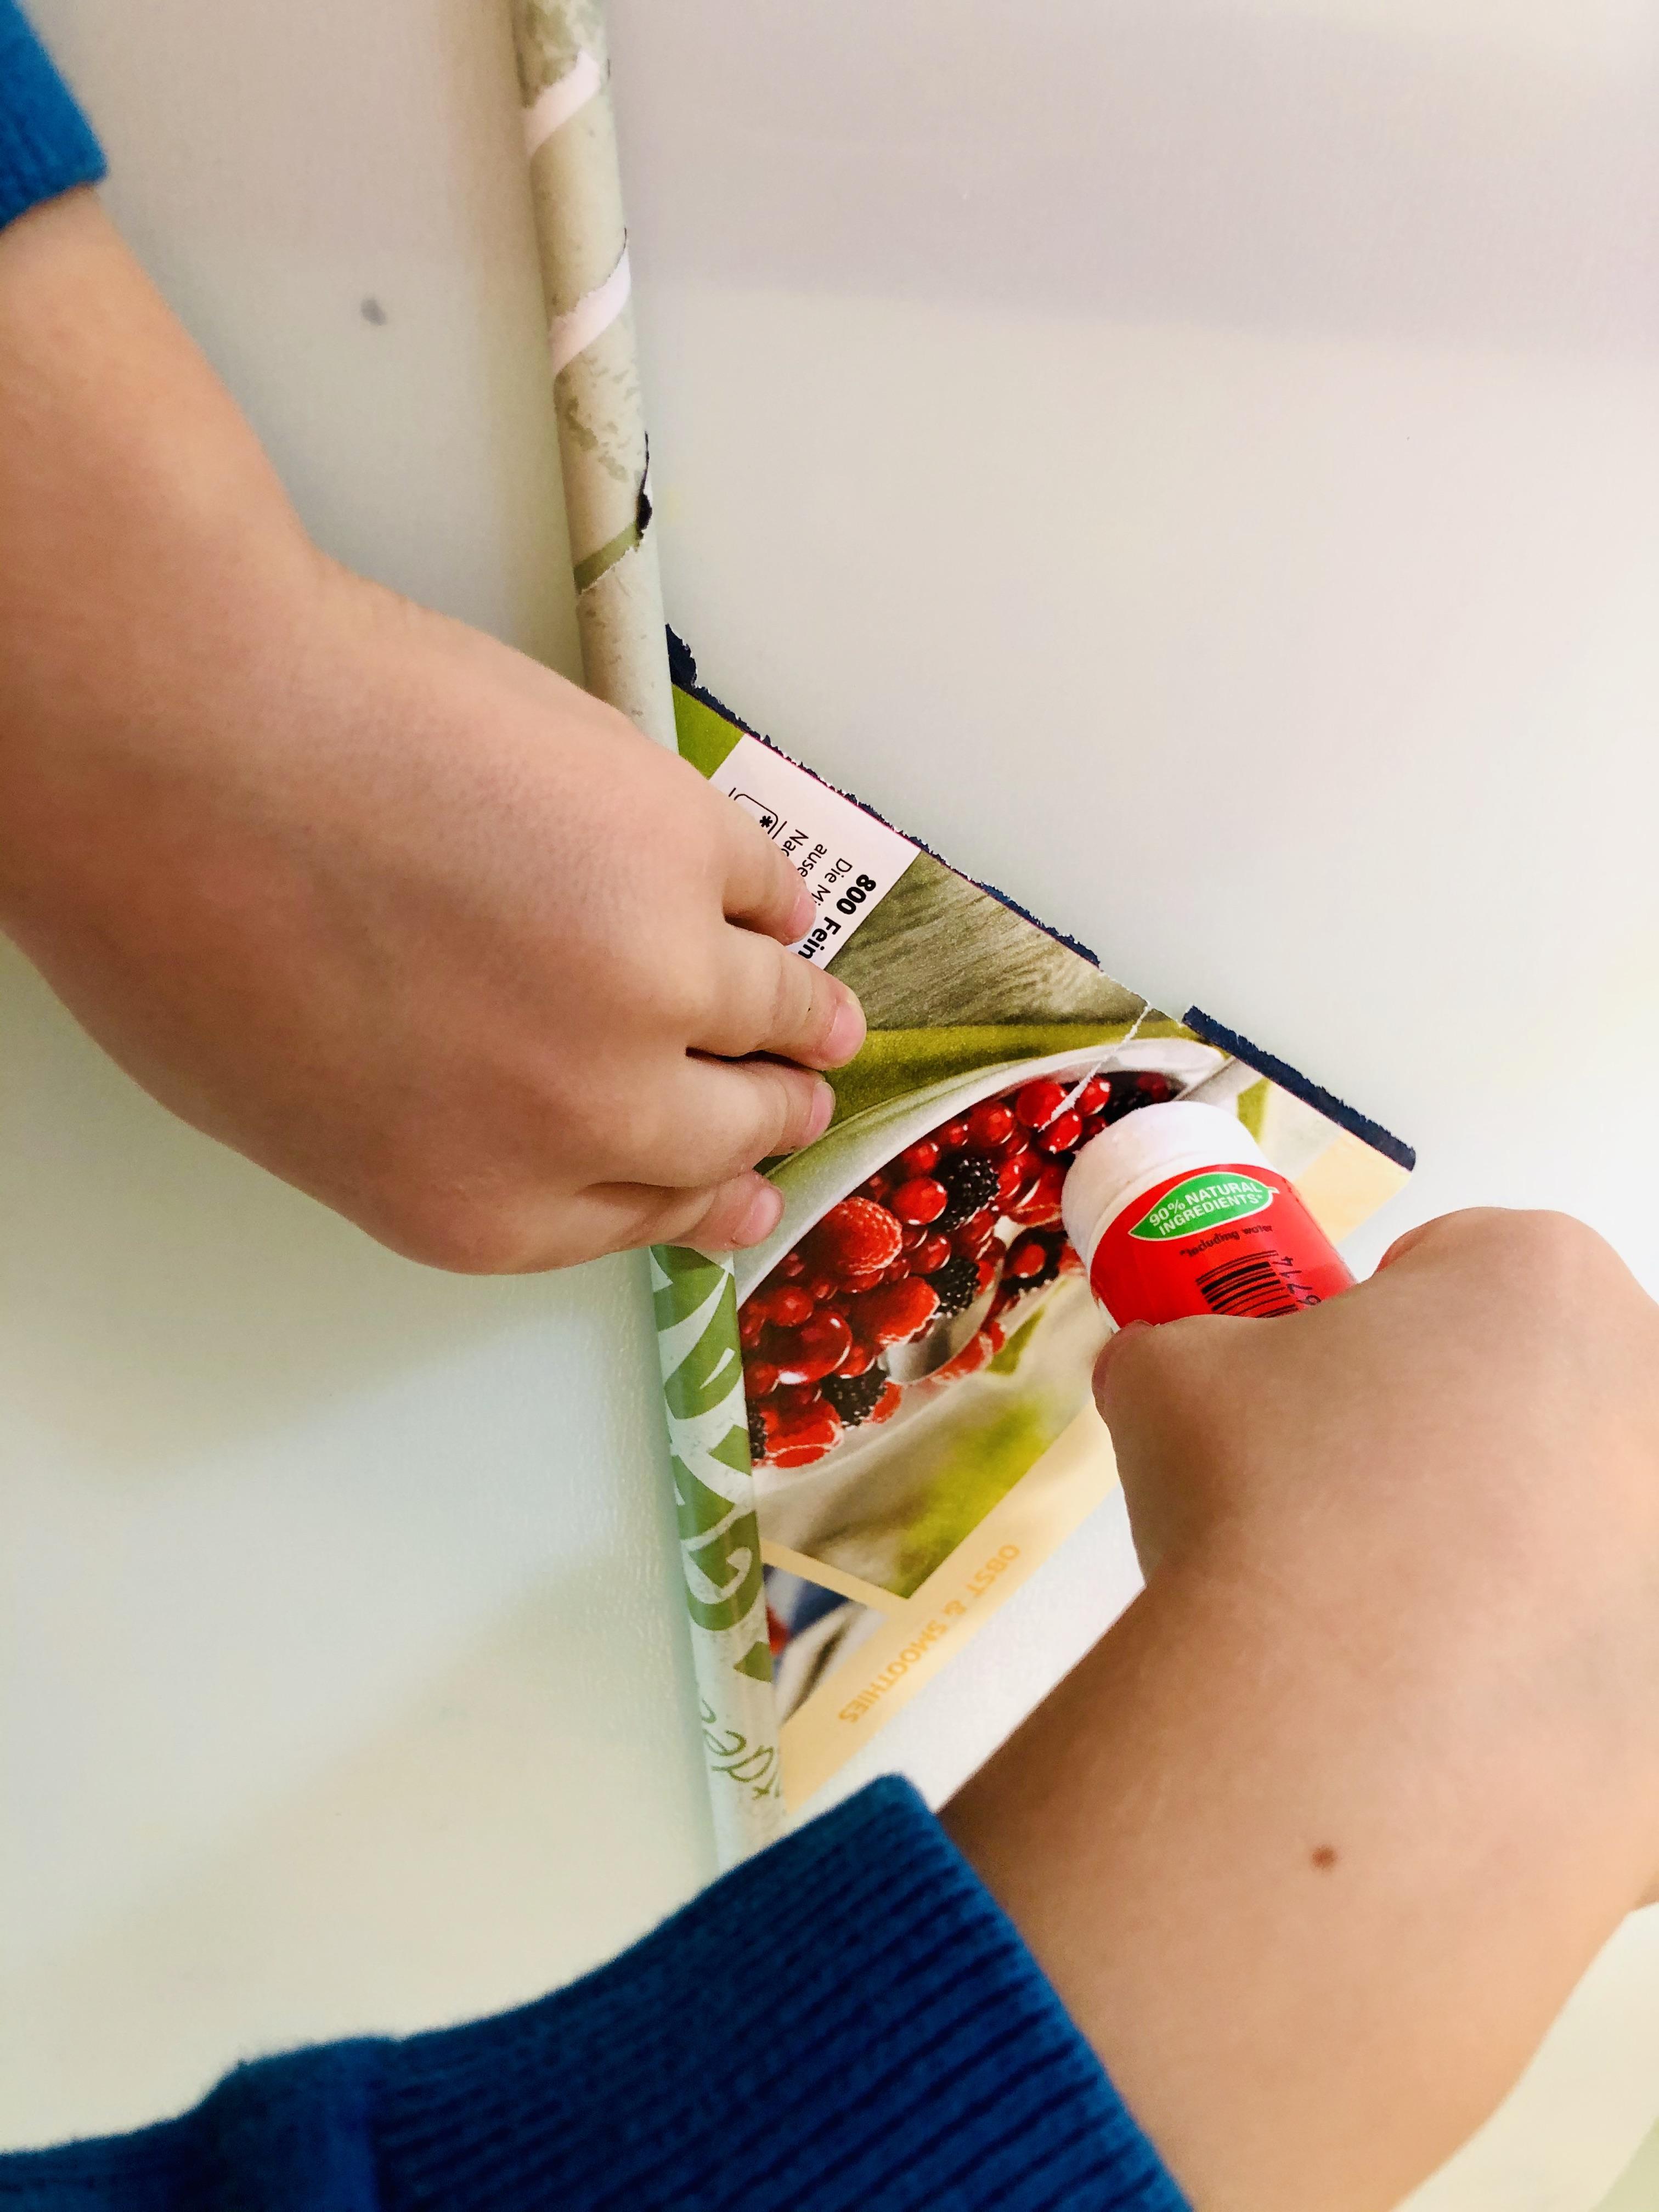 kid glueing old magazine paper rolls